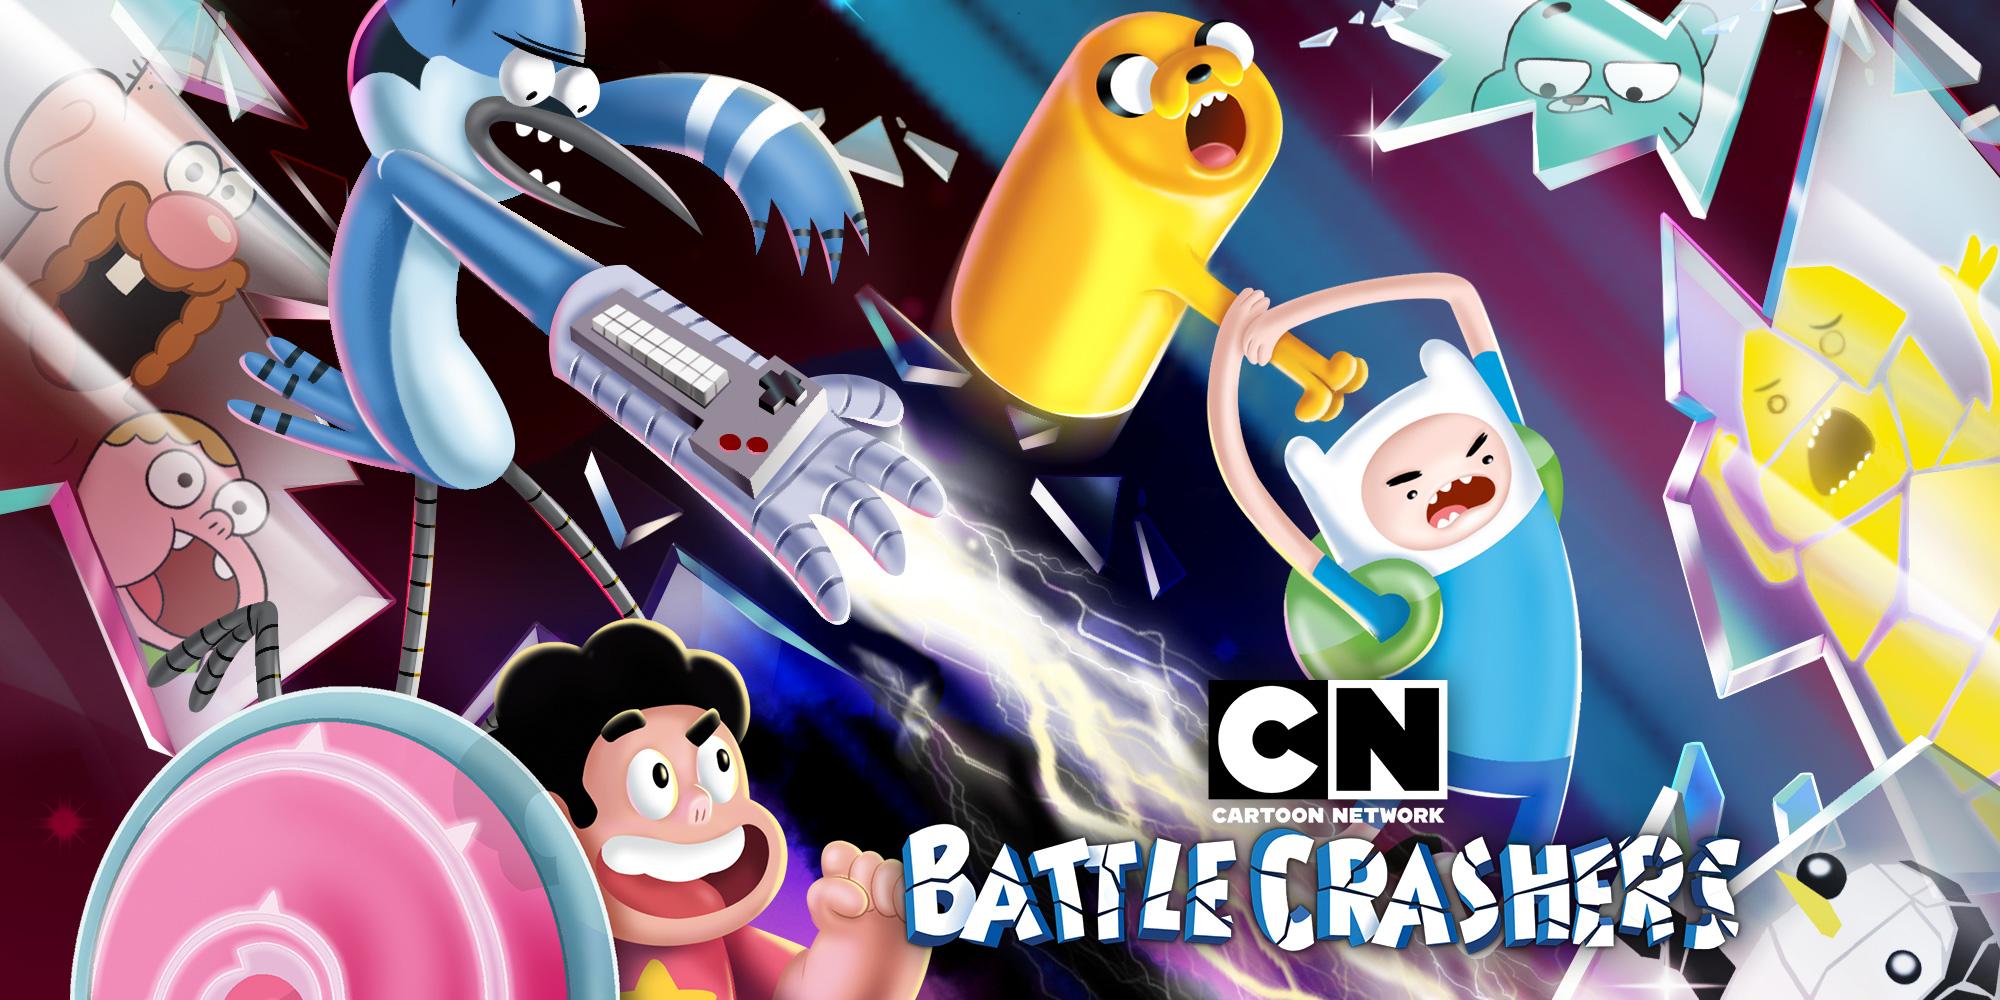 H2x1_3DSDS_CartoonNetworkBattleCrashers.jpg